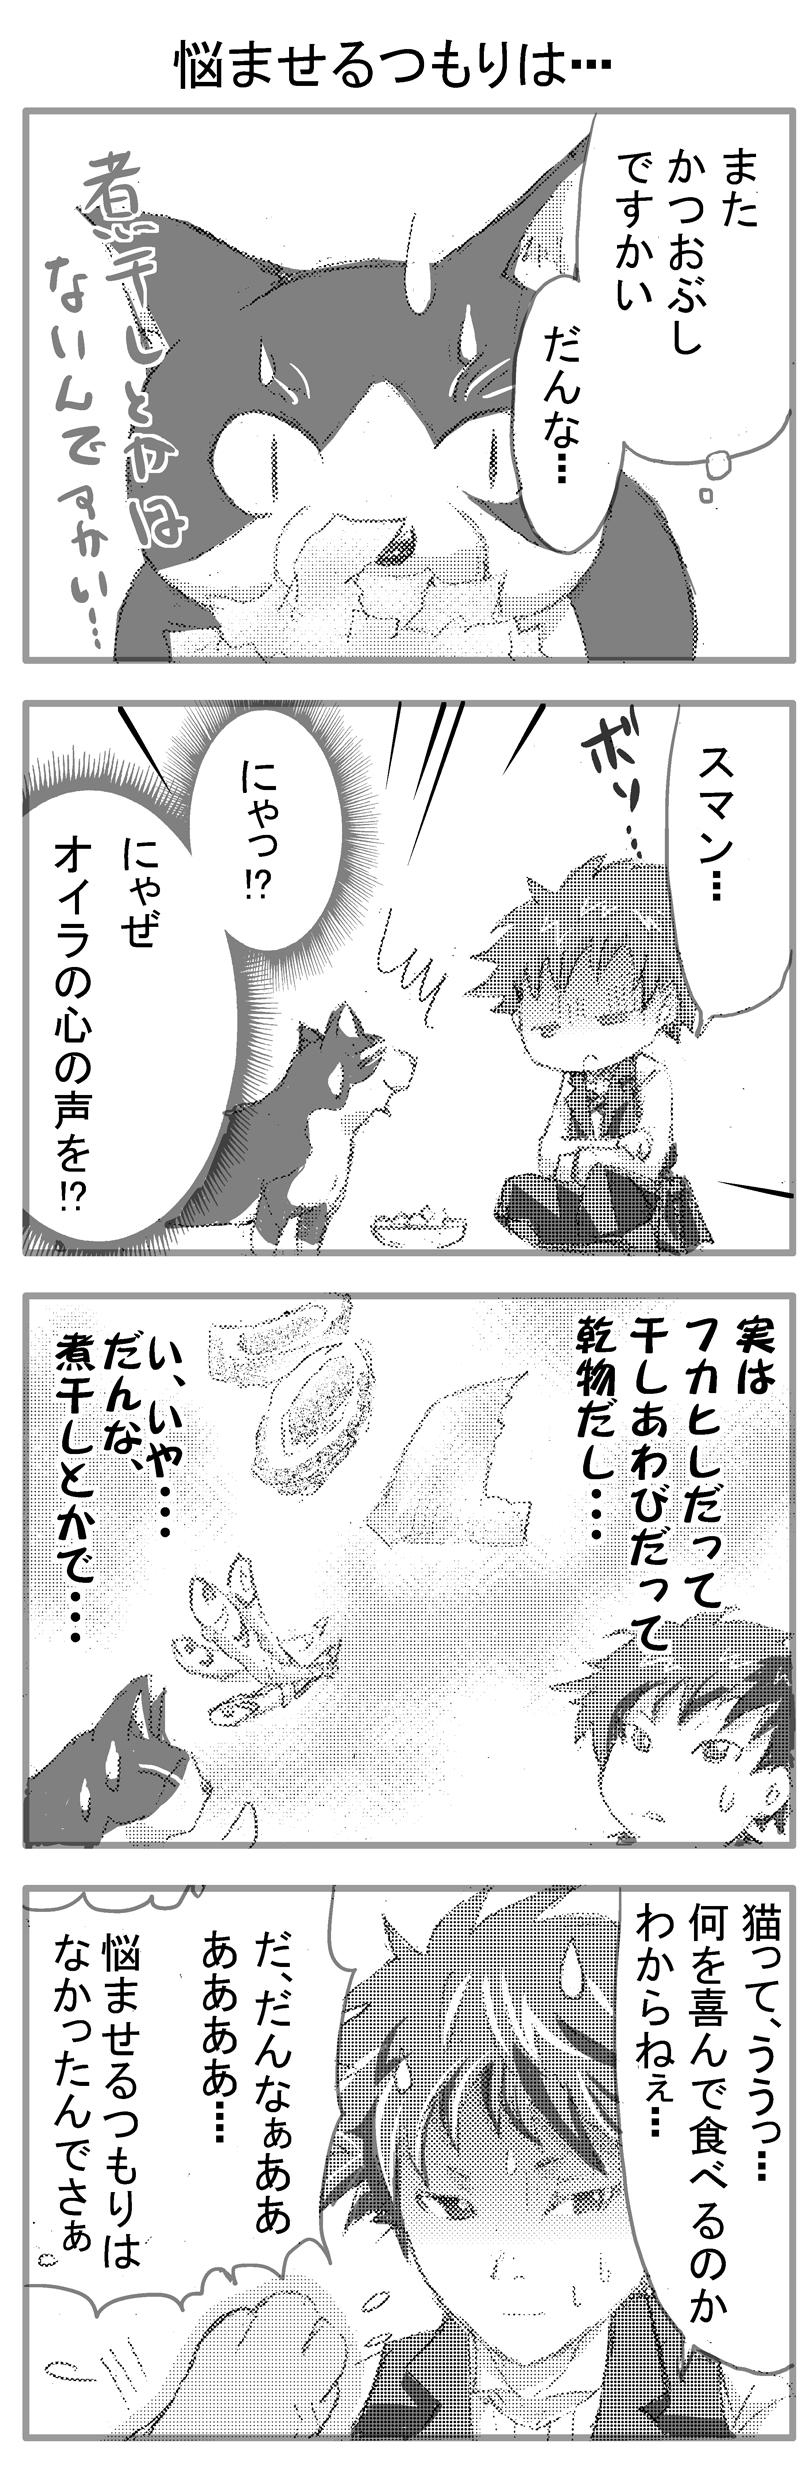 イケメンスーパー03-2